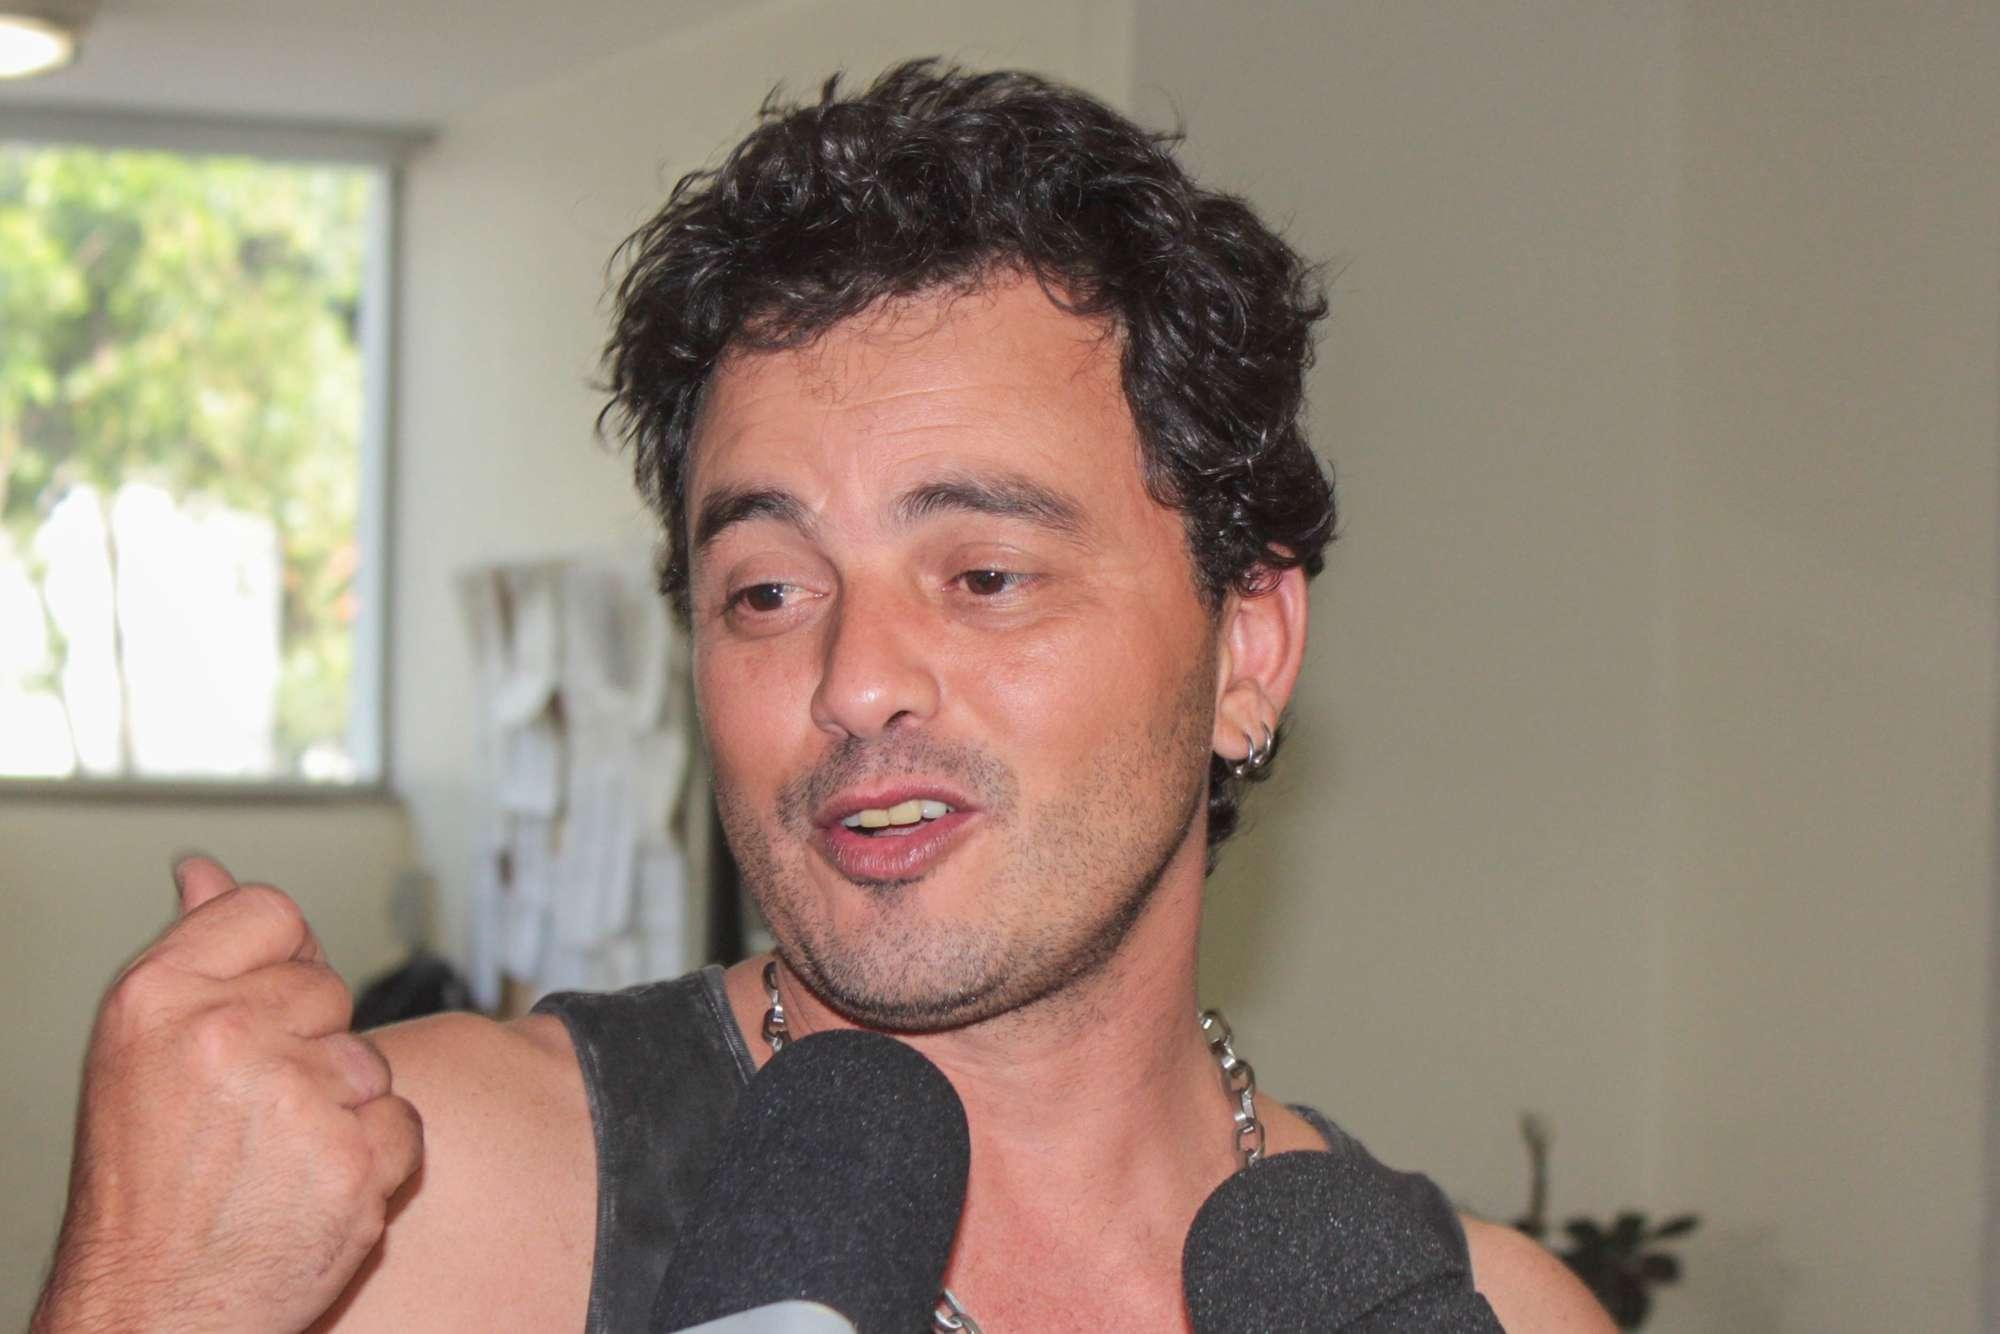 O sertanejo Renner, da dupla com Rick, foi preso na manhã de sexta-feira (26) após se envolver em um acidente de carro na zona sul de São Paulo. O cantor estava embriagado. Foto: Marco Ambrosio/AgNews